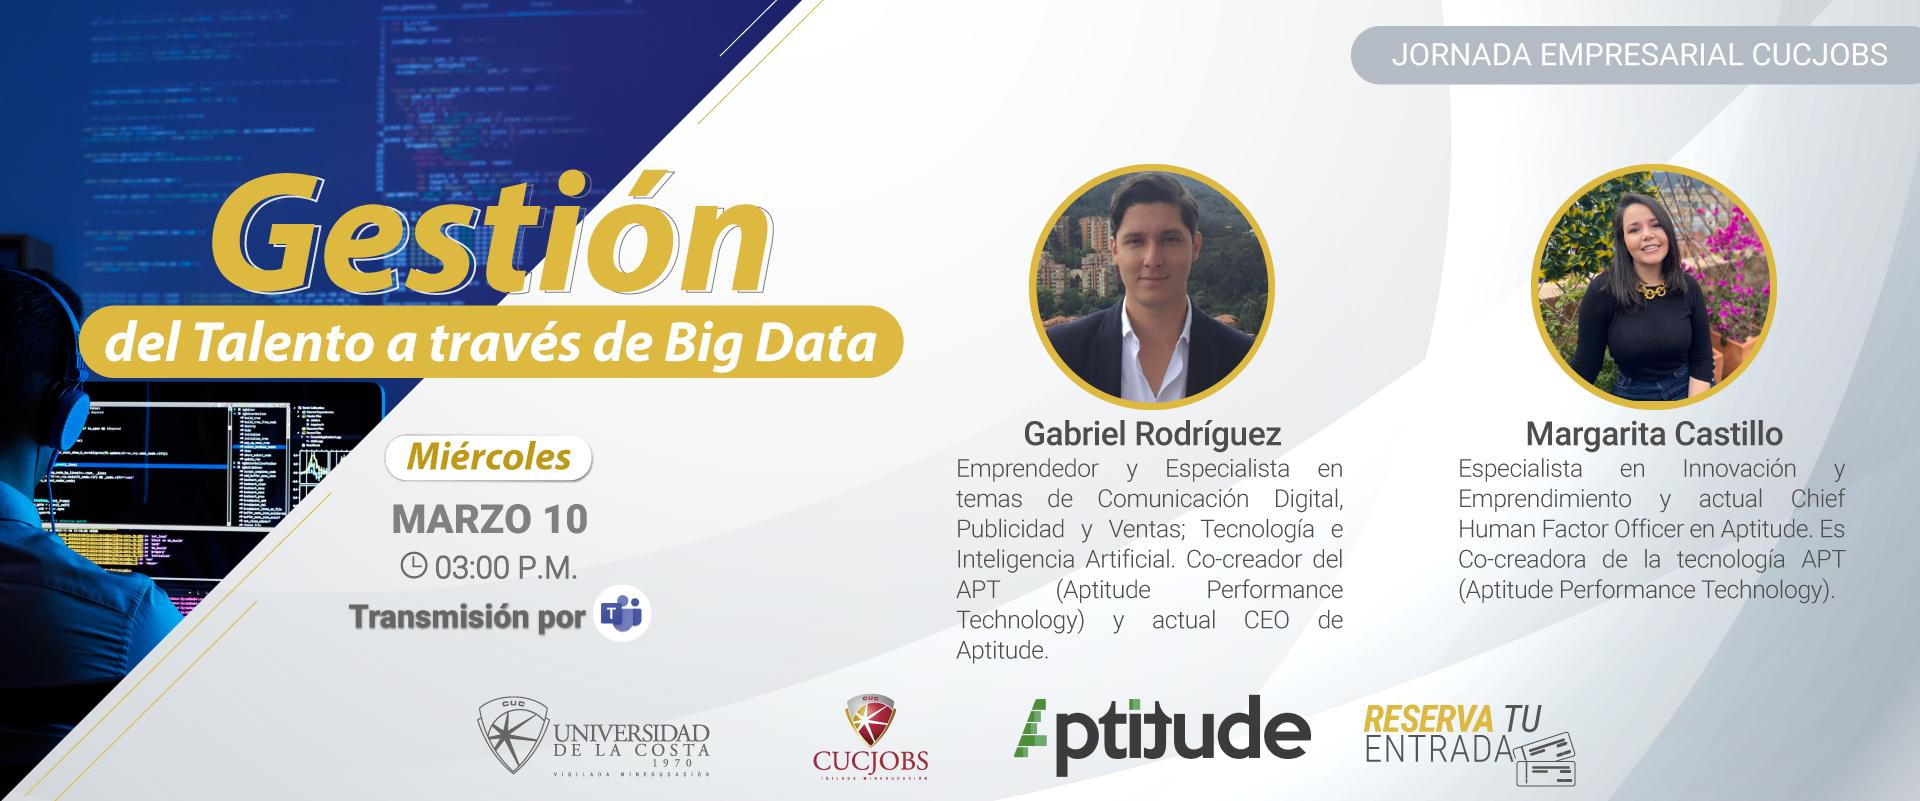 Jornada Empresarial Cucjobs: Gestión del Talento a Través de Big Data